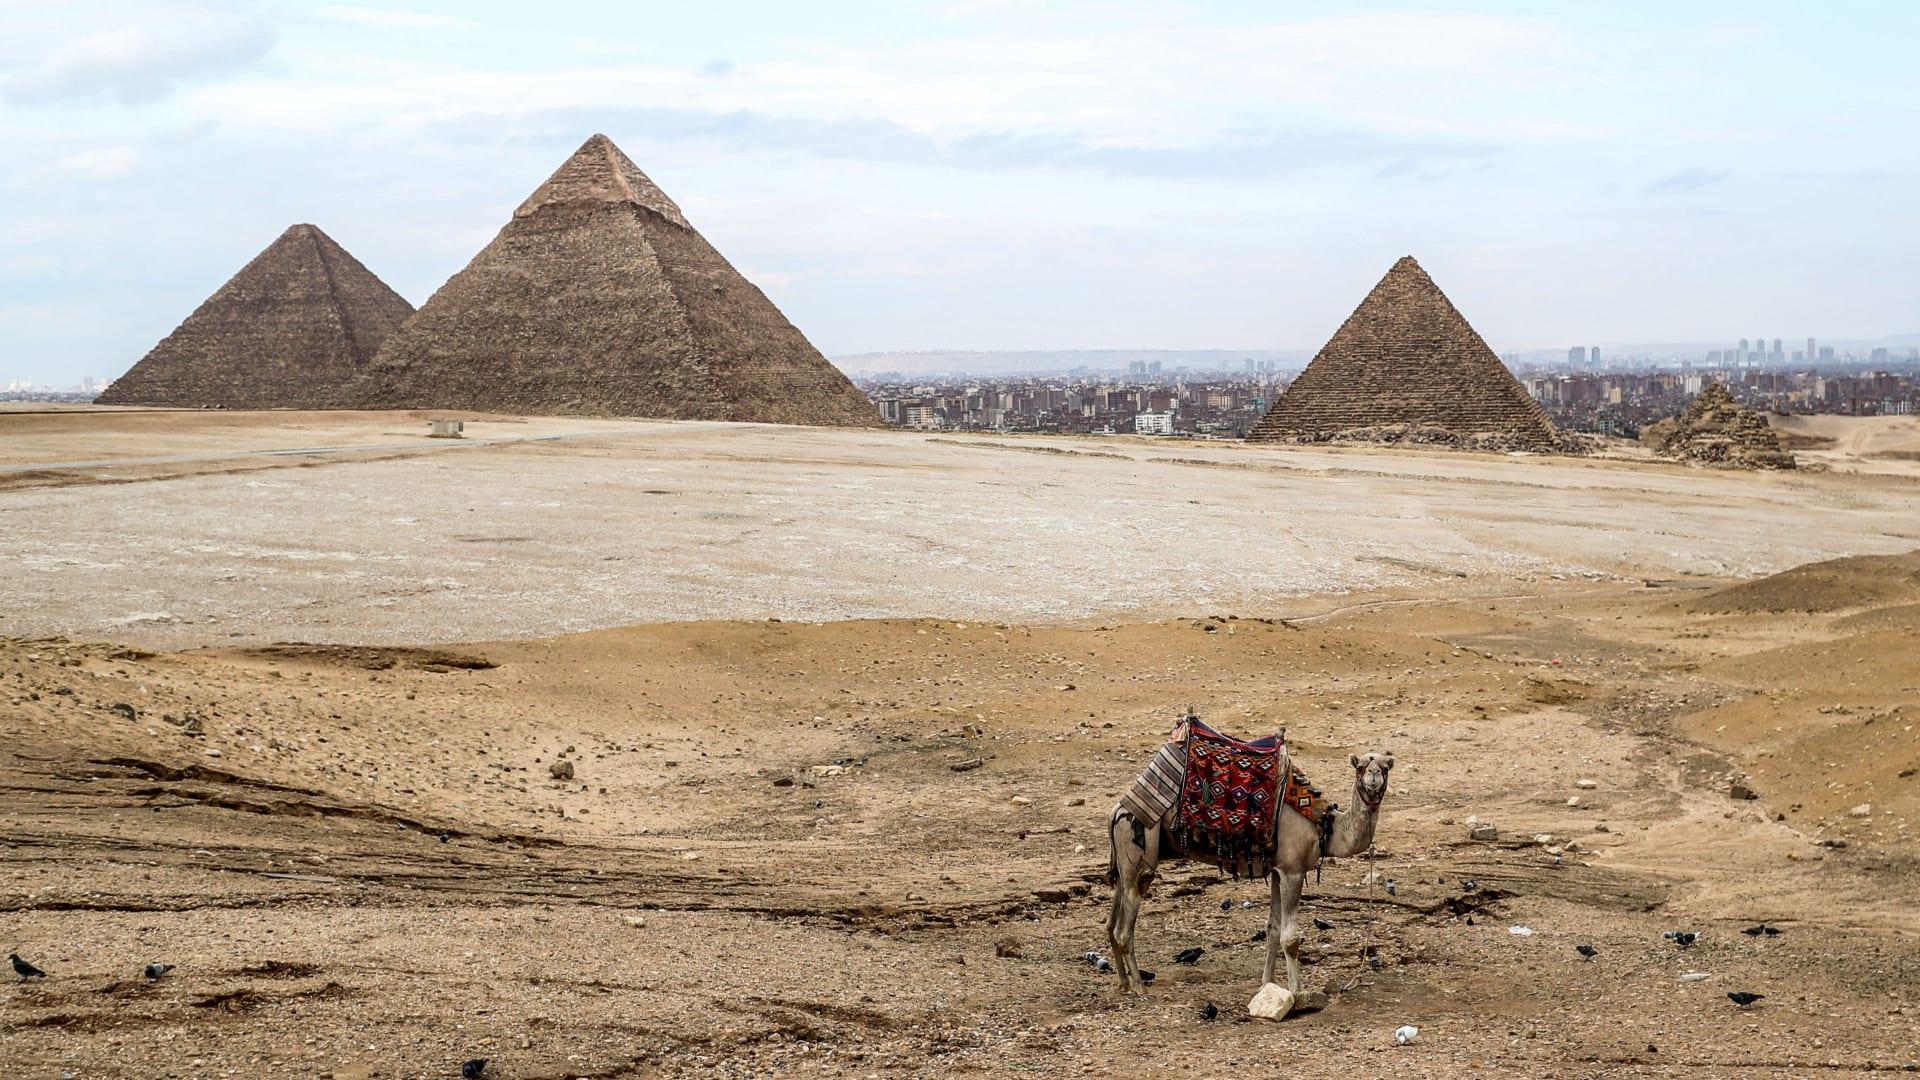 مفقودة من 70 عام.. العثور بقايا عمرها 5 آلاف عام من الهرم الأكبر بمصر في صندوق سيجار في اسكتلندا